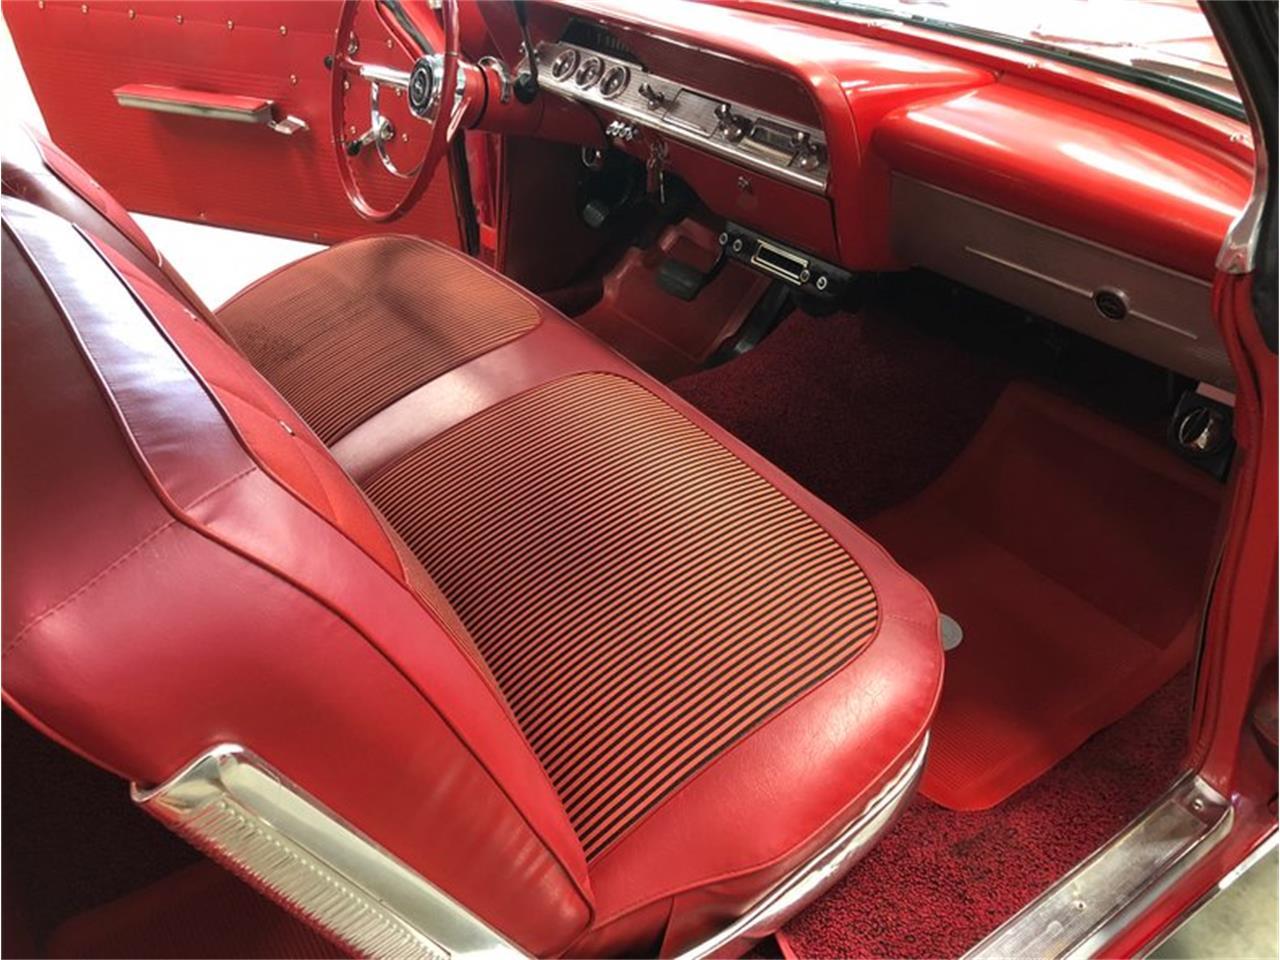 1962 Chevrolet Impala (CC-1133823) for sale in Grand Rapids, Michigan